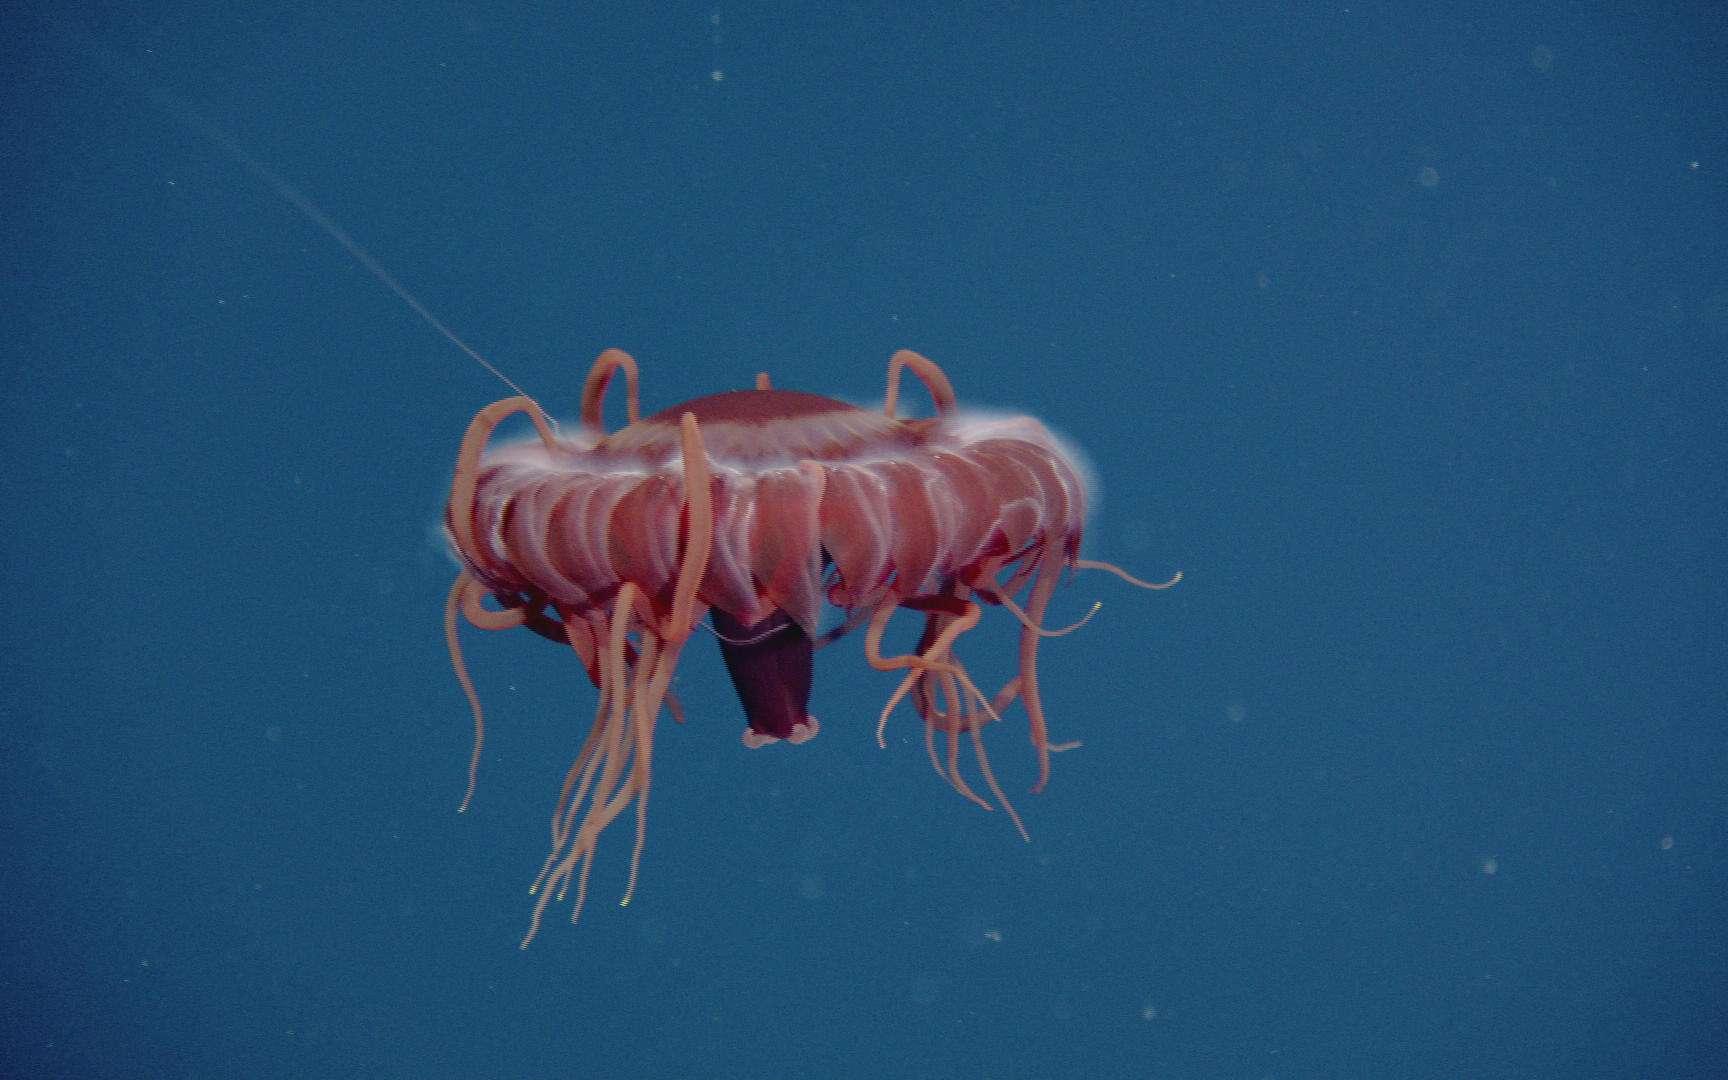 Cette méduse est une espèce inconnue, découverte durant la mission Wiring Abyss 2012, à 1.978 m de profondeur. © Neptune Canada, CSSF, cc by nc sa 2.0